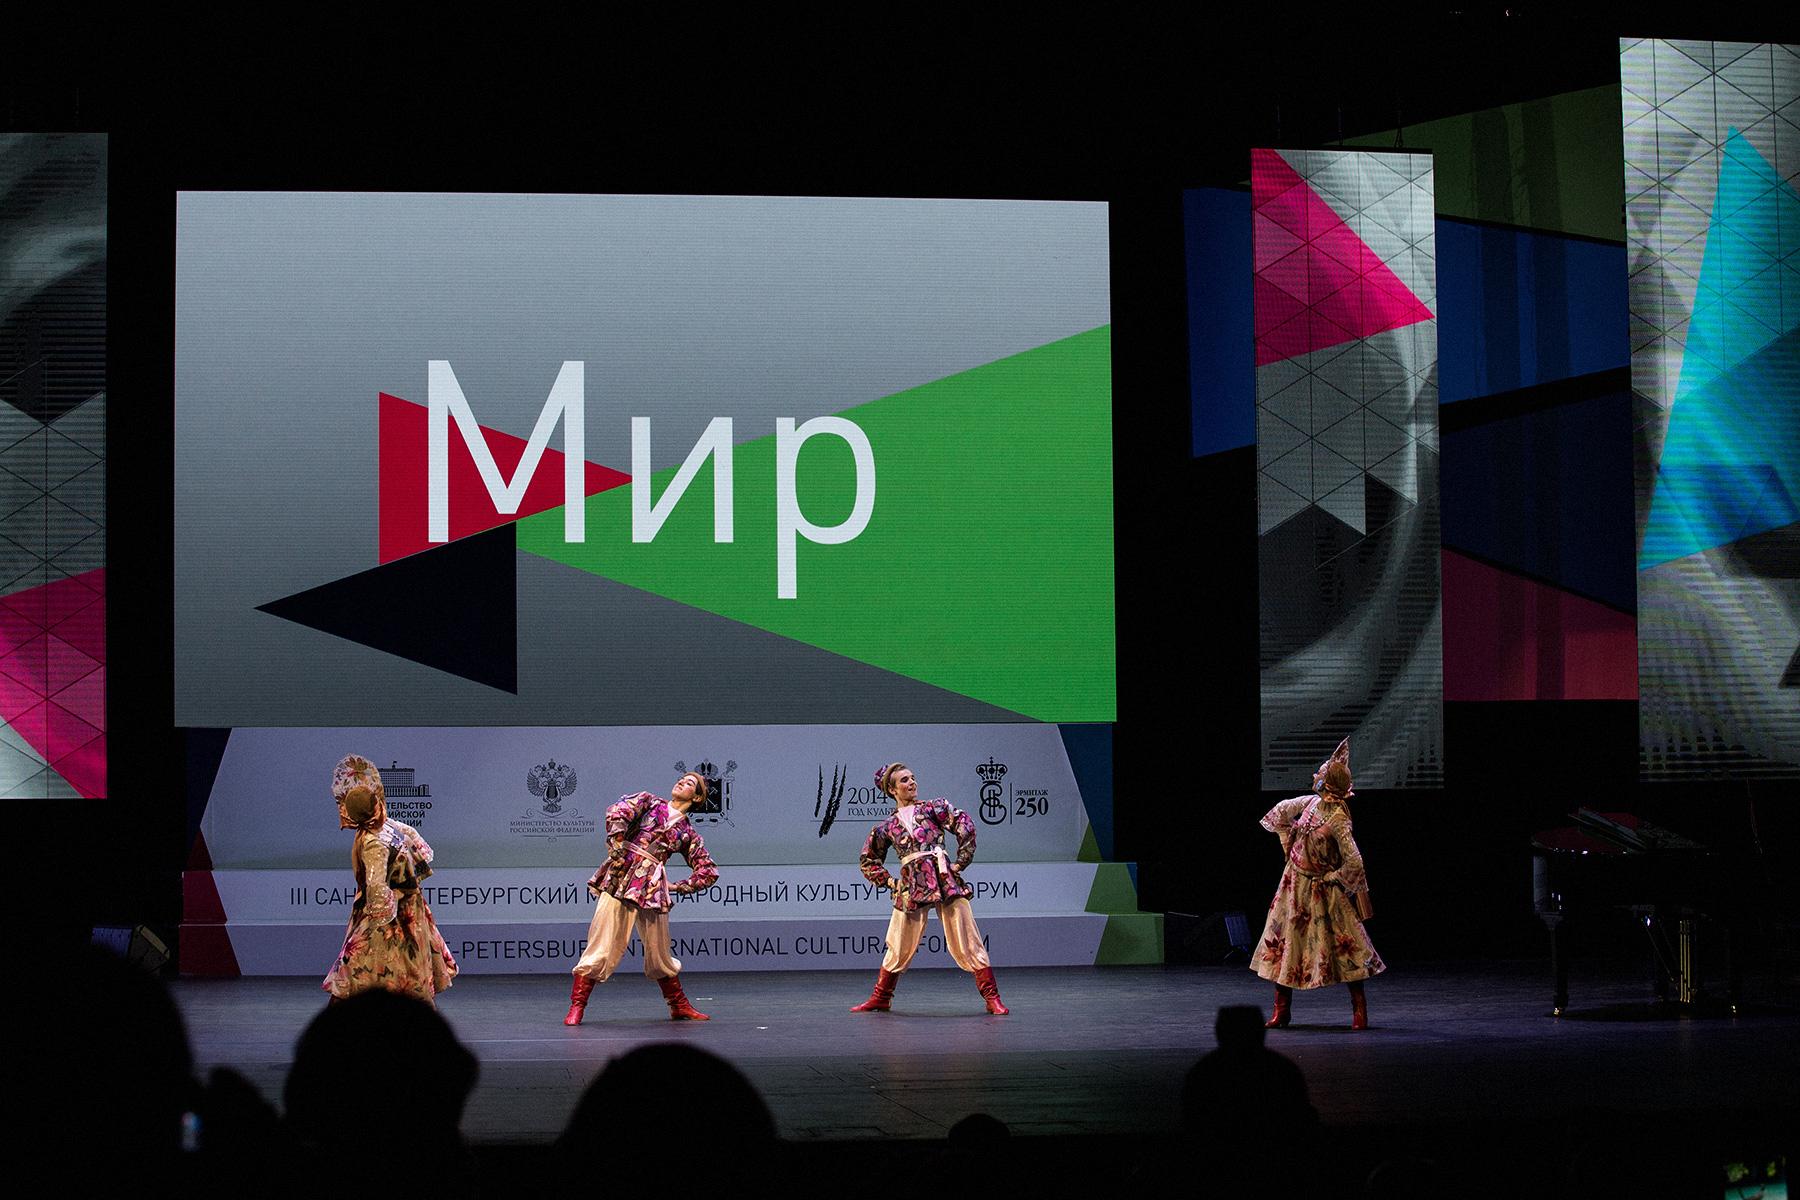 III Санкт-Петербургский международный культурный форум 2014